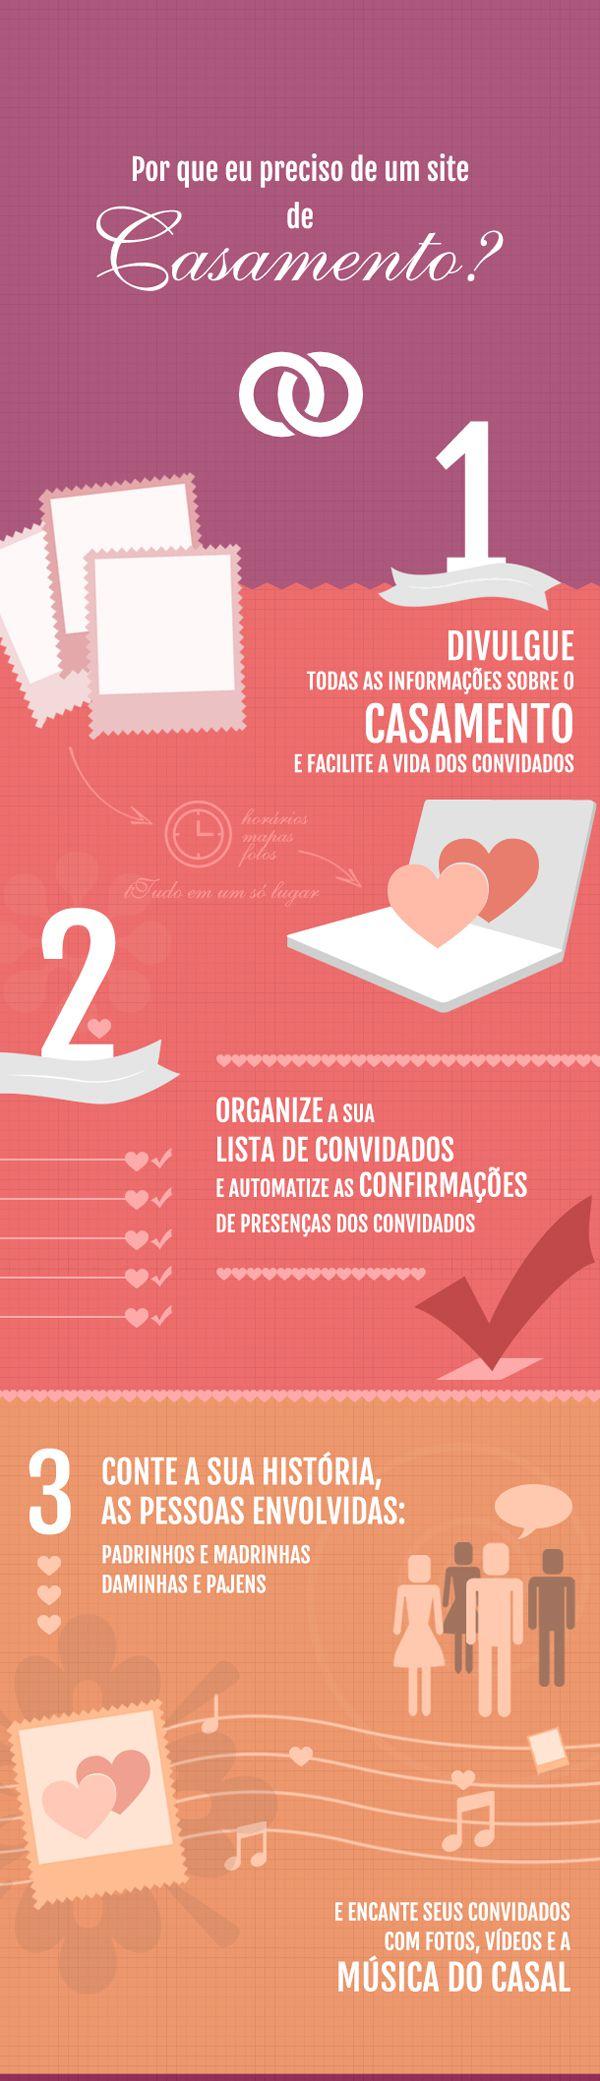 lista Como criar o seu site e lista de casamento - São Paulo